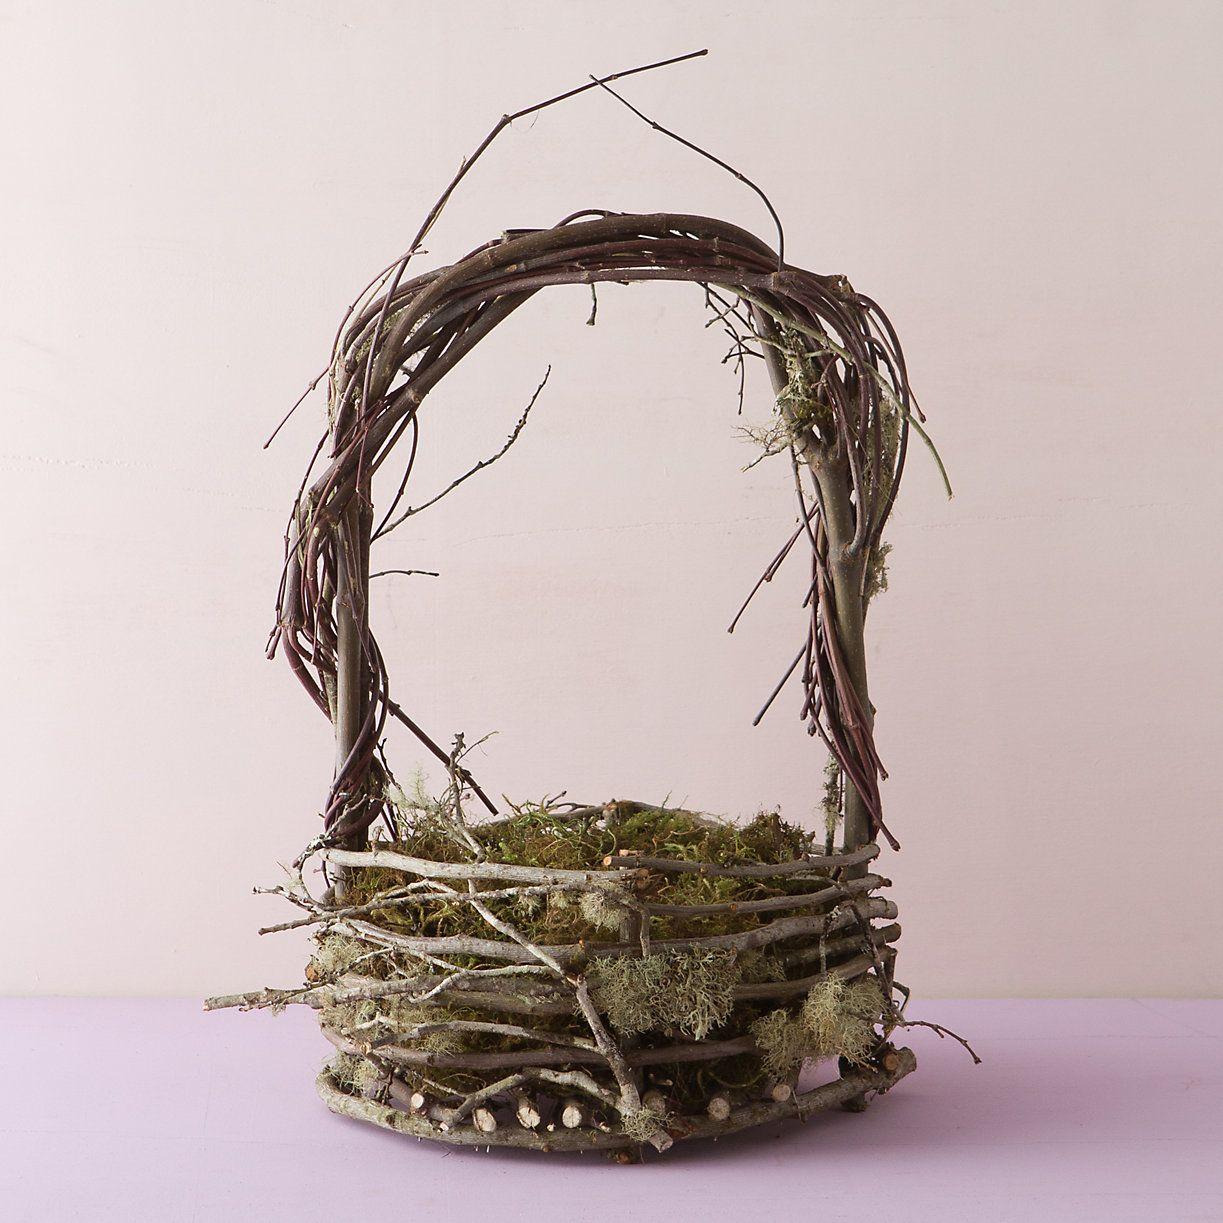 Nett Draht Bunny Topiary Zeitgenössisch - Schaltplan Serie Circuit ...